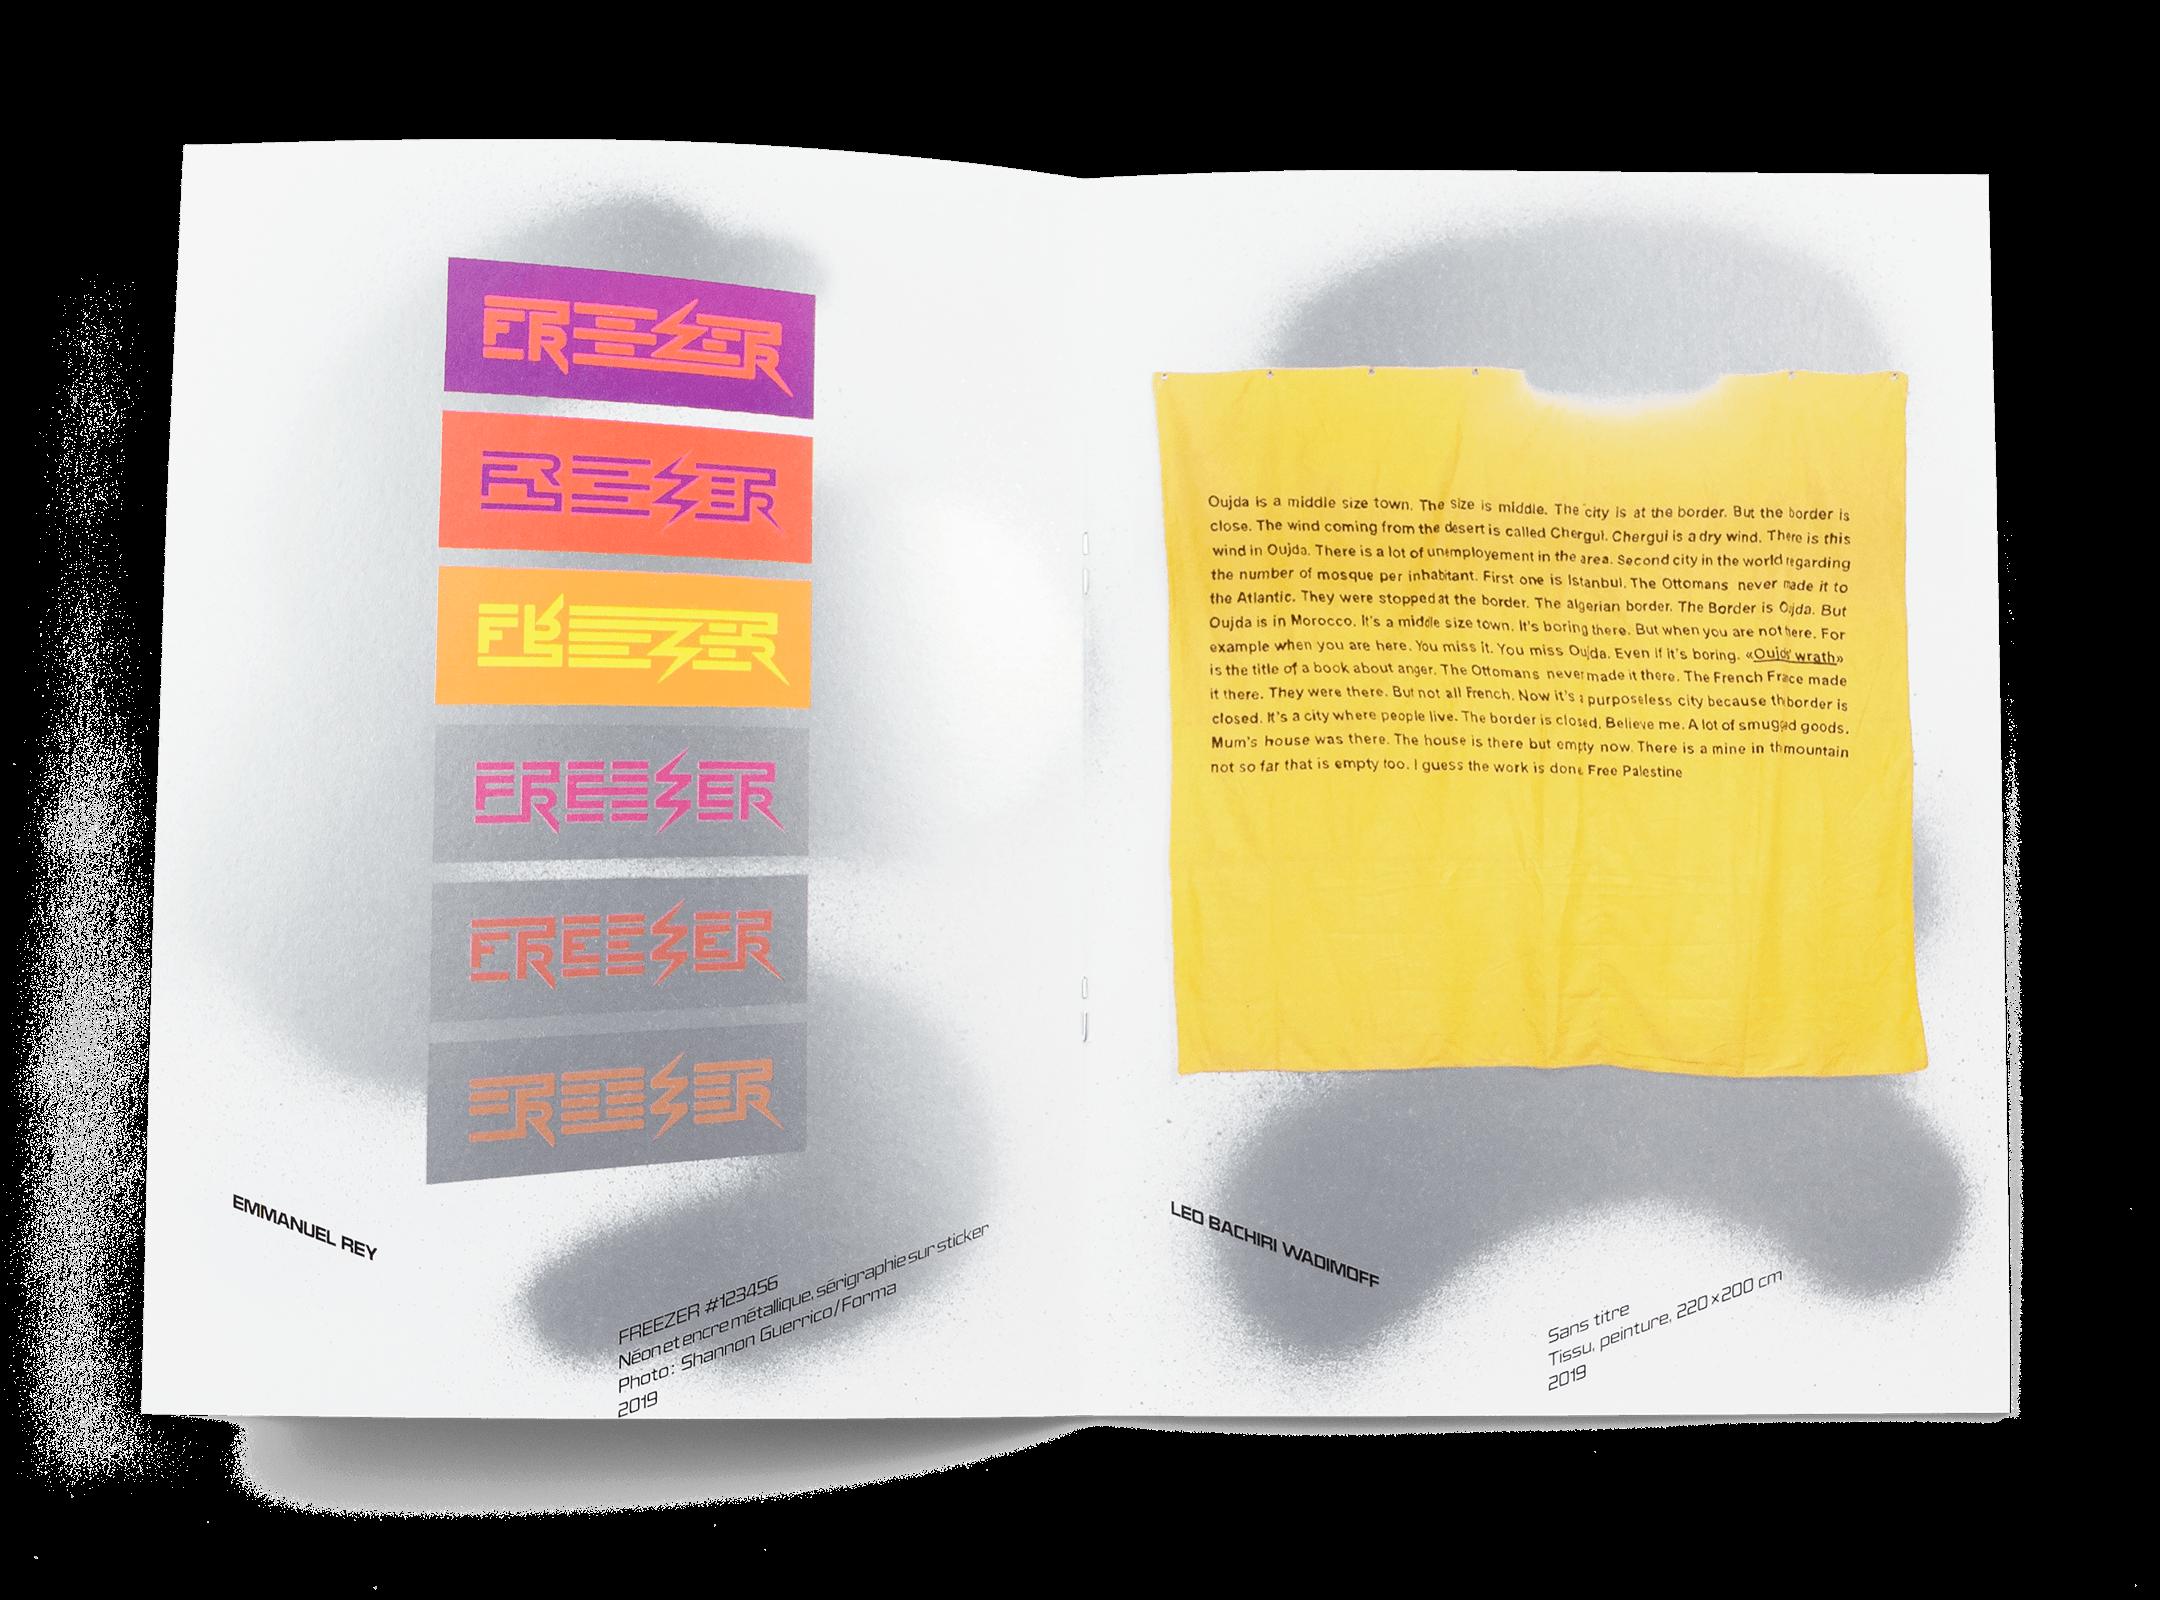 Œuvres de Emmanuel Rey et Léo Bachiri Wadimoff dans la brochure de l'exposition de Simon Paccaud à la Ferme de la Chapelle